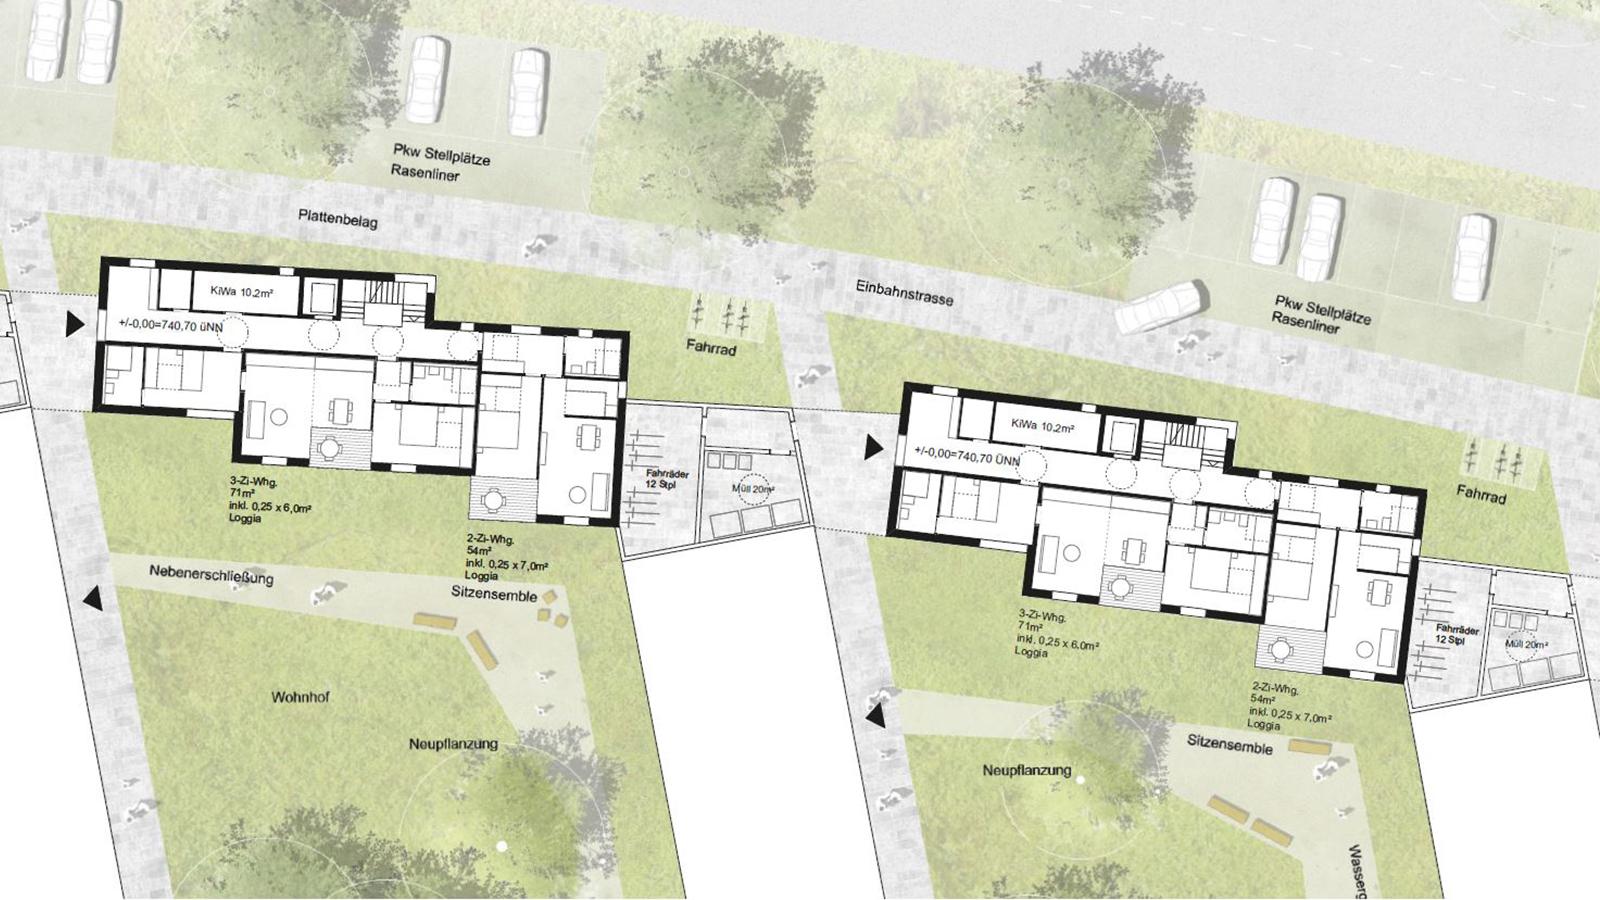 h2m-architekten-wettbewerb-goethequartier-grundriss-eg-schallschutzbebauung